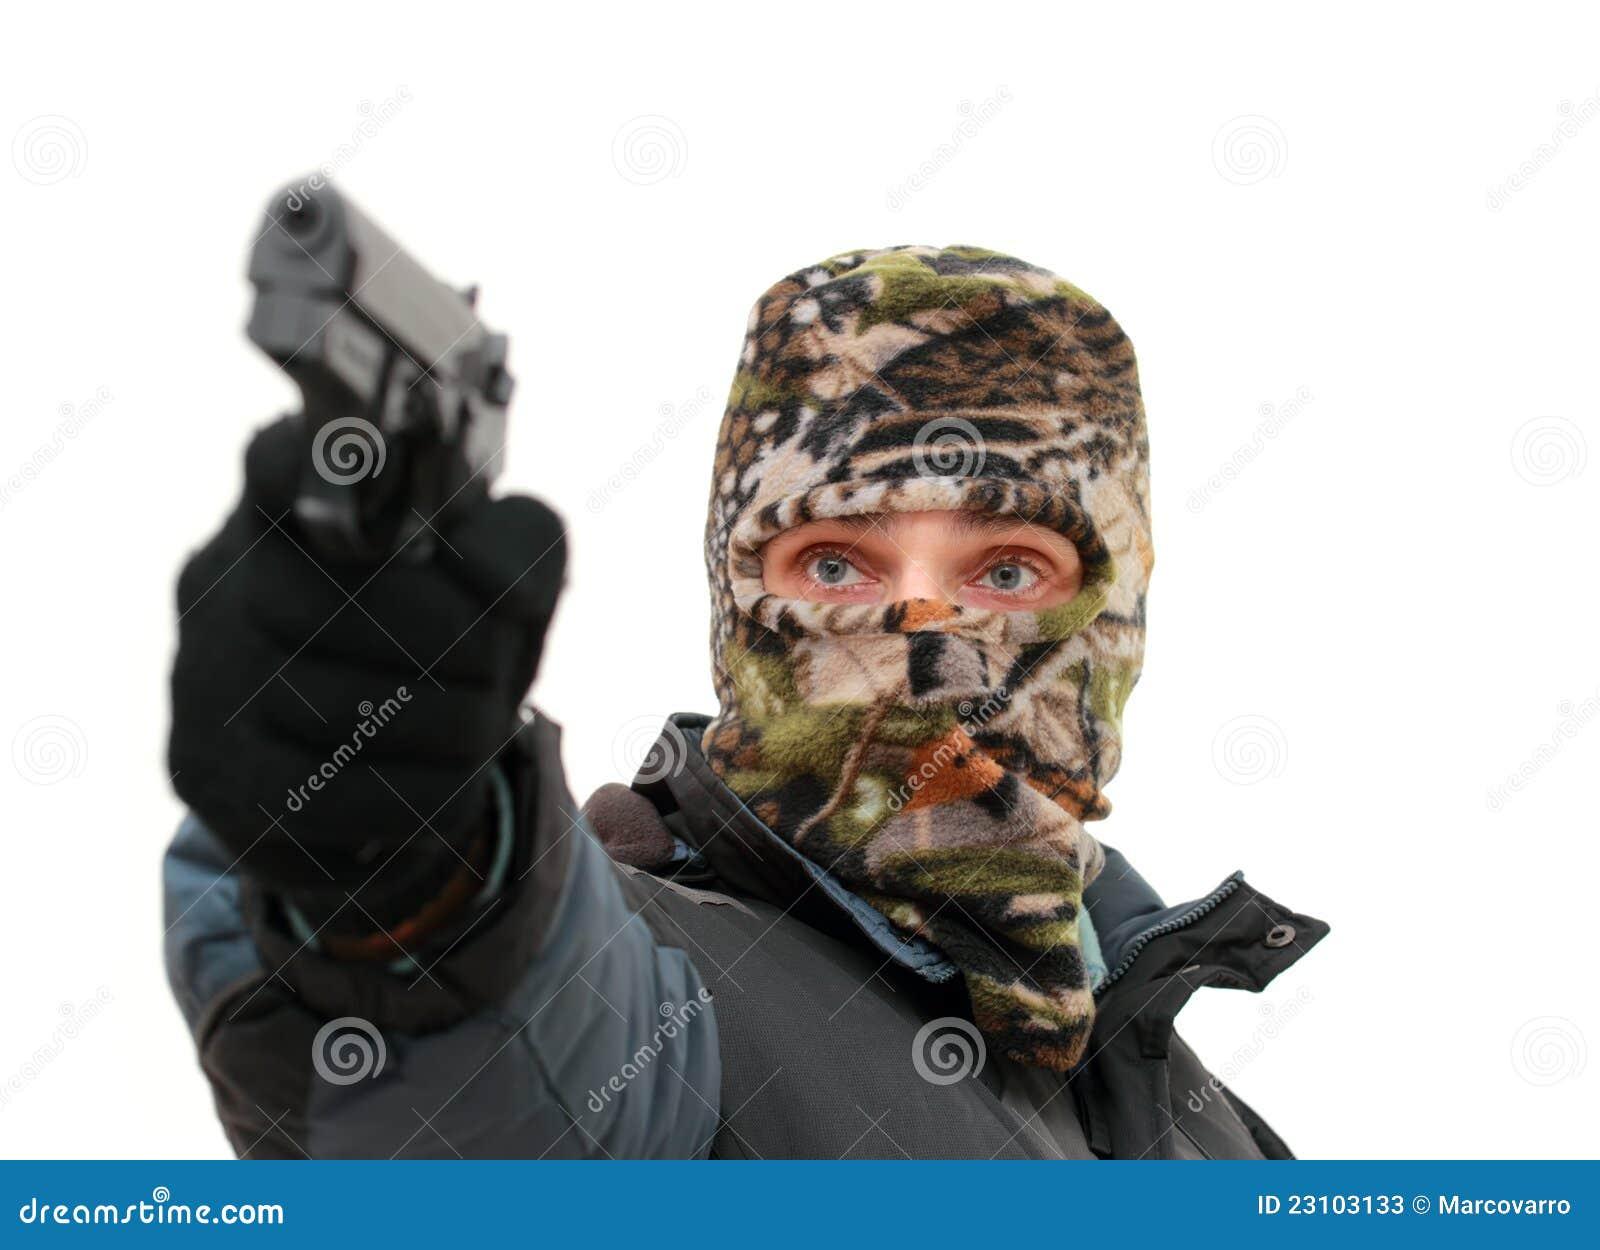 Terrorist Photo: Terrorist Stock Image. Image Of Mask, Handgun, Pistol